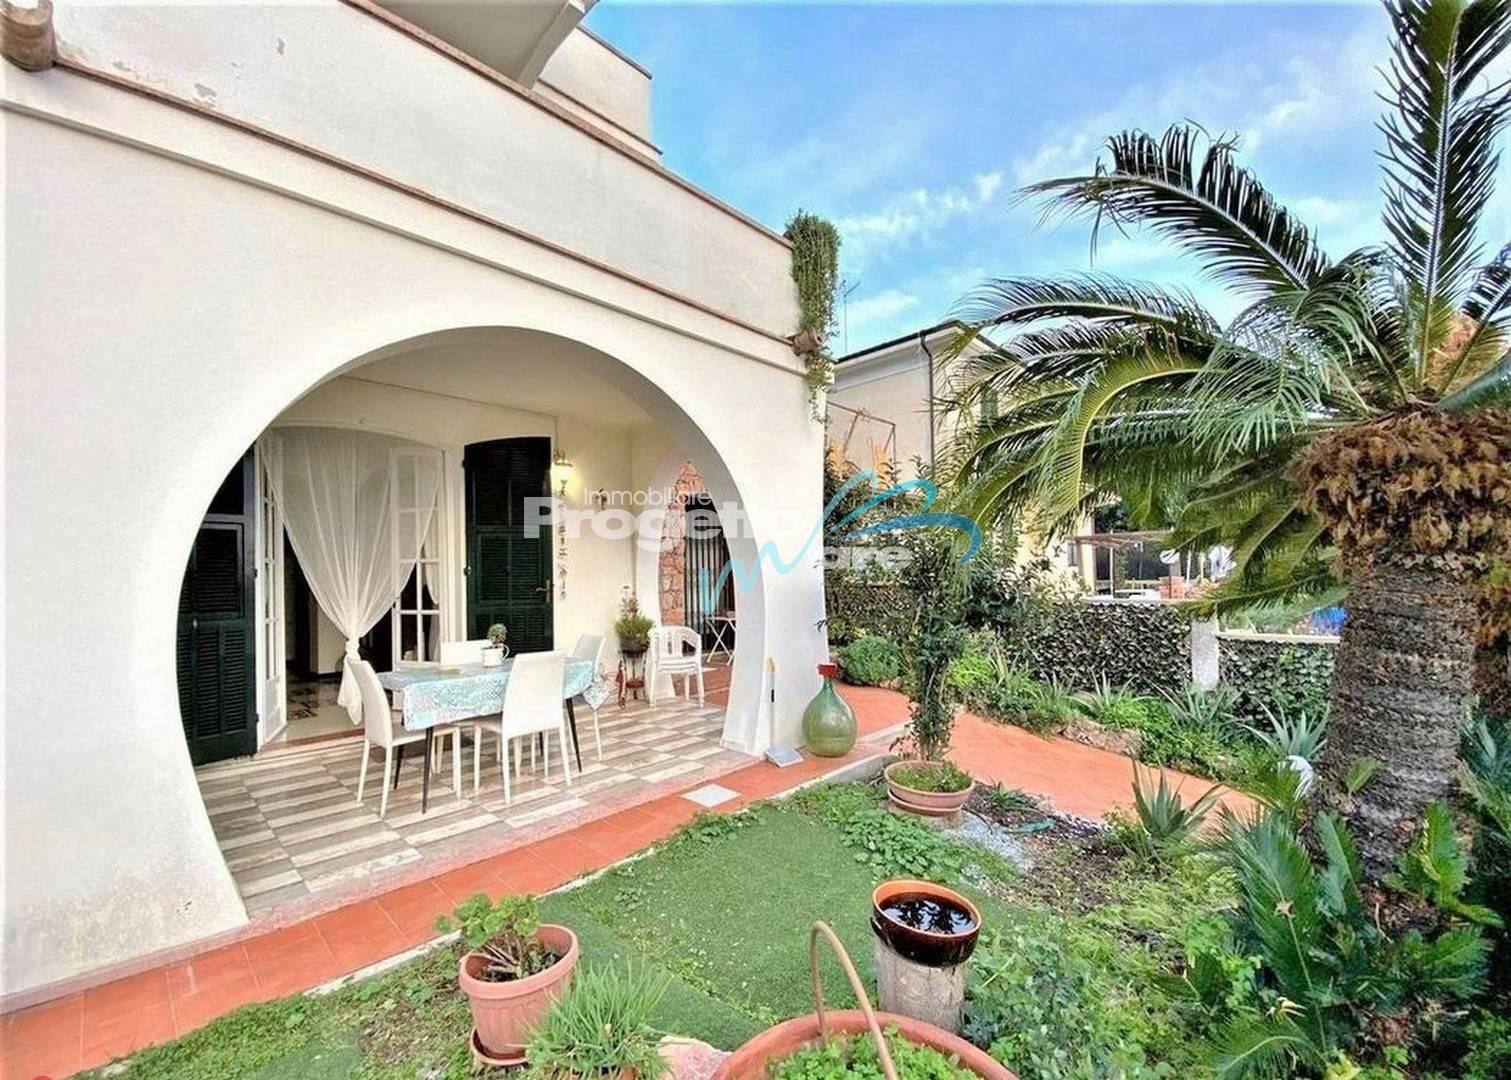 Appartamento in vendita a Borgio Verezzi, 3 locali, zona io, prezzo € 279.000 | PortaleAgenzieImmobiliari.it